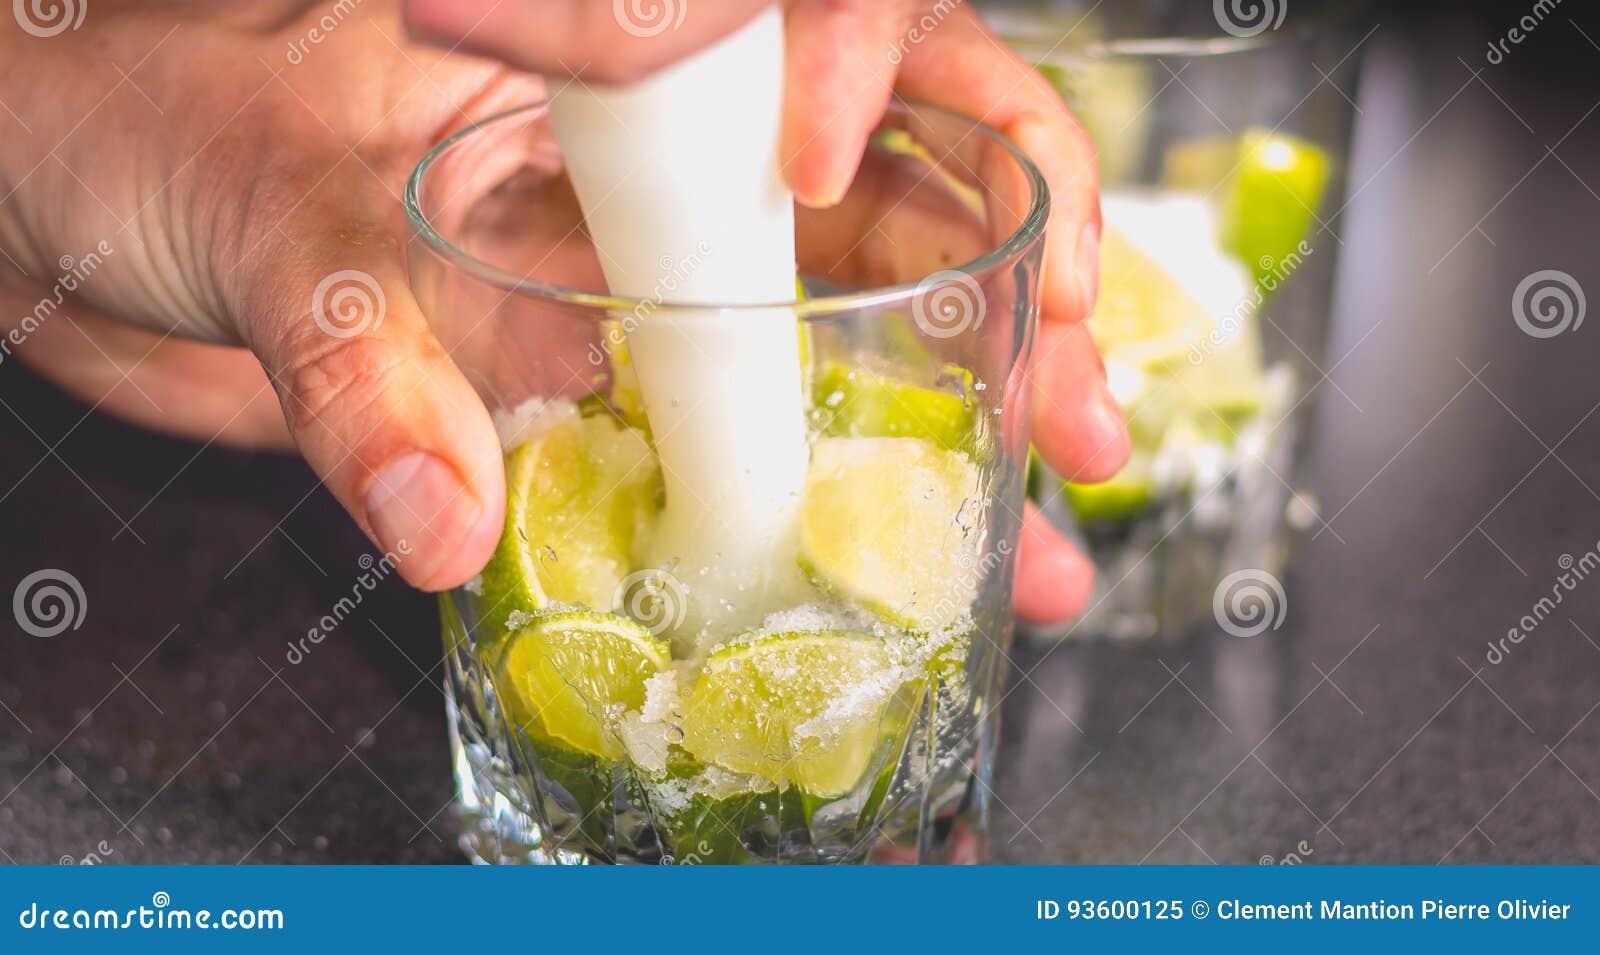 Kellner zerquetscht grüne Zitronen mit einer Pille, um caipirihnas zu machen